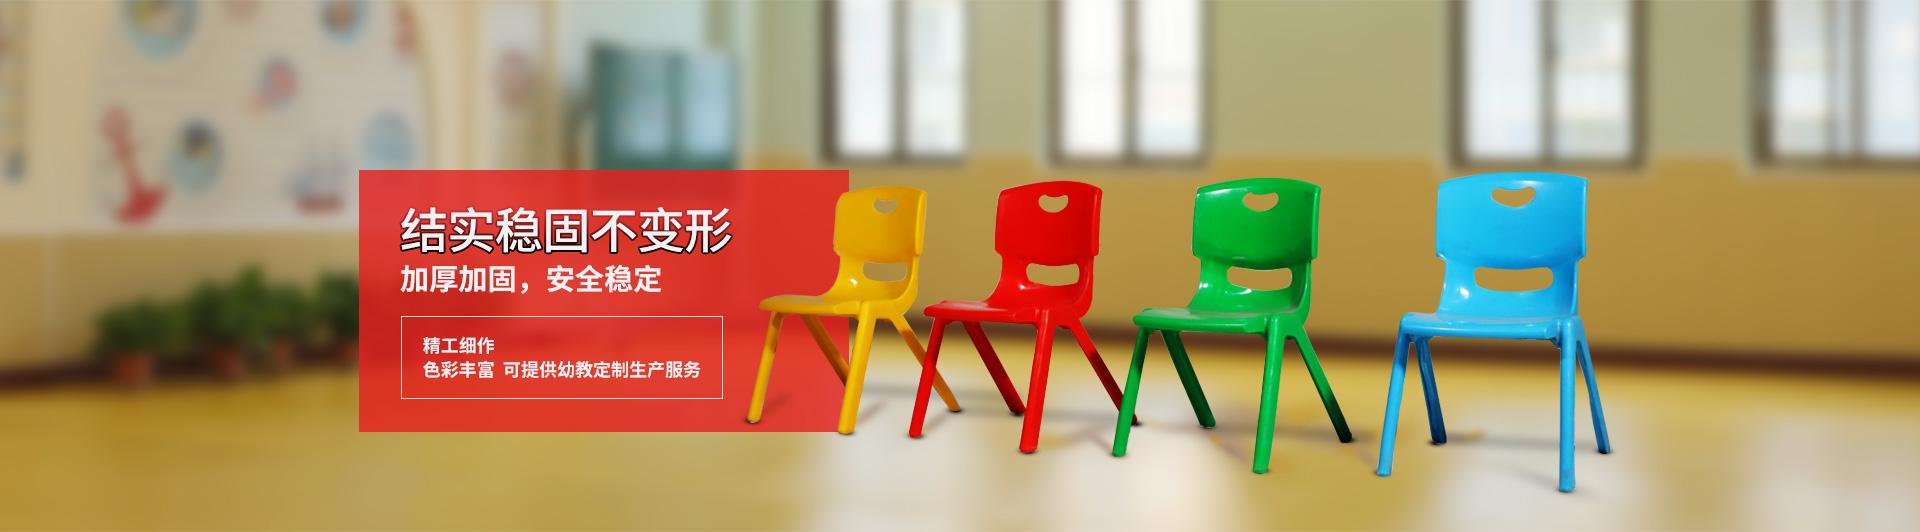 塑料桌椅,结实稳固不变形